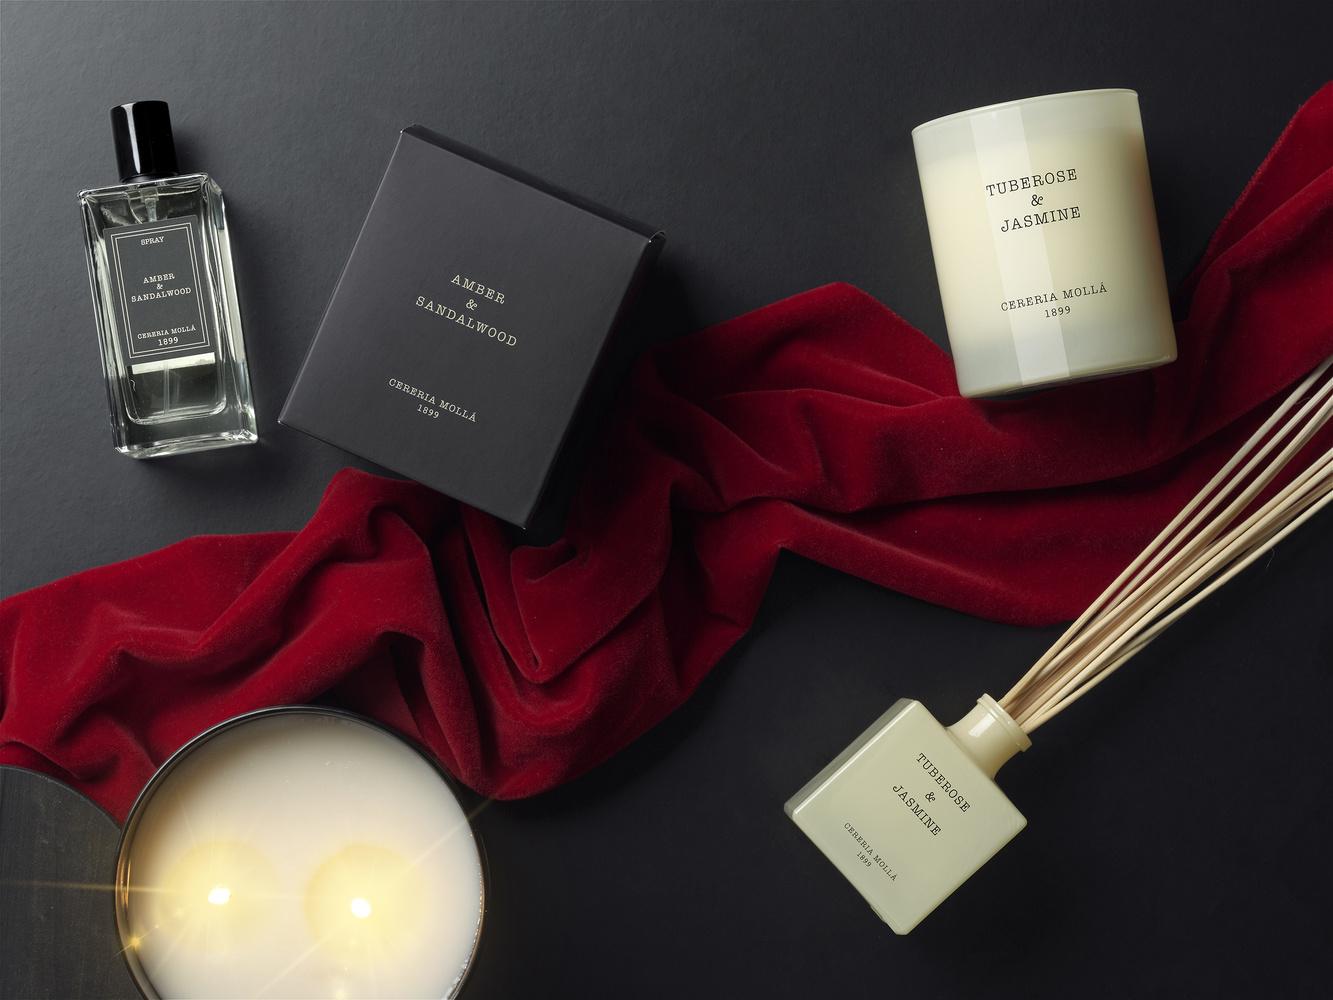 Los mejores ambientadores para el hogar de cereria molla oh parfums perfumes de - Los mejores ambientadores para el hogar ...